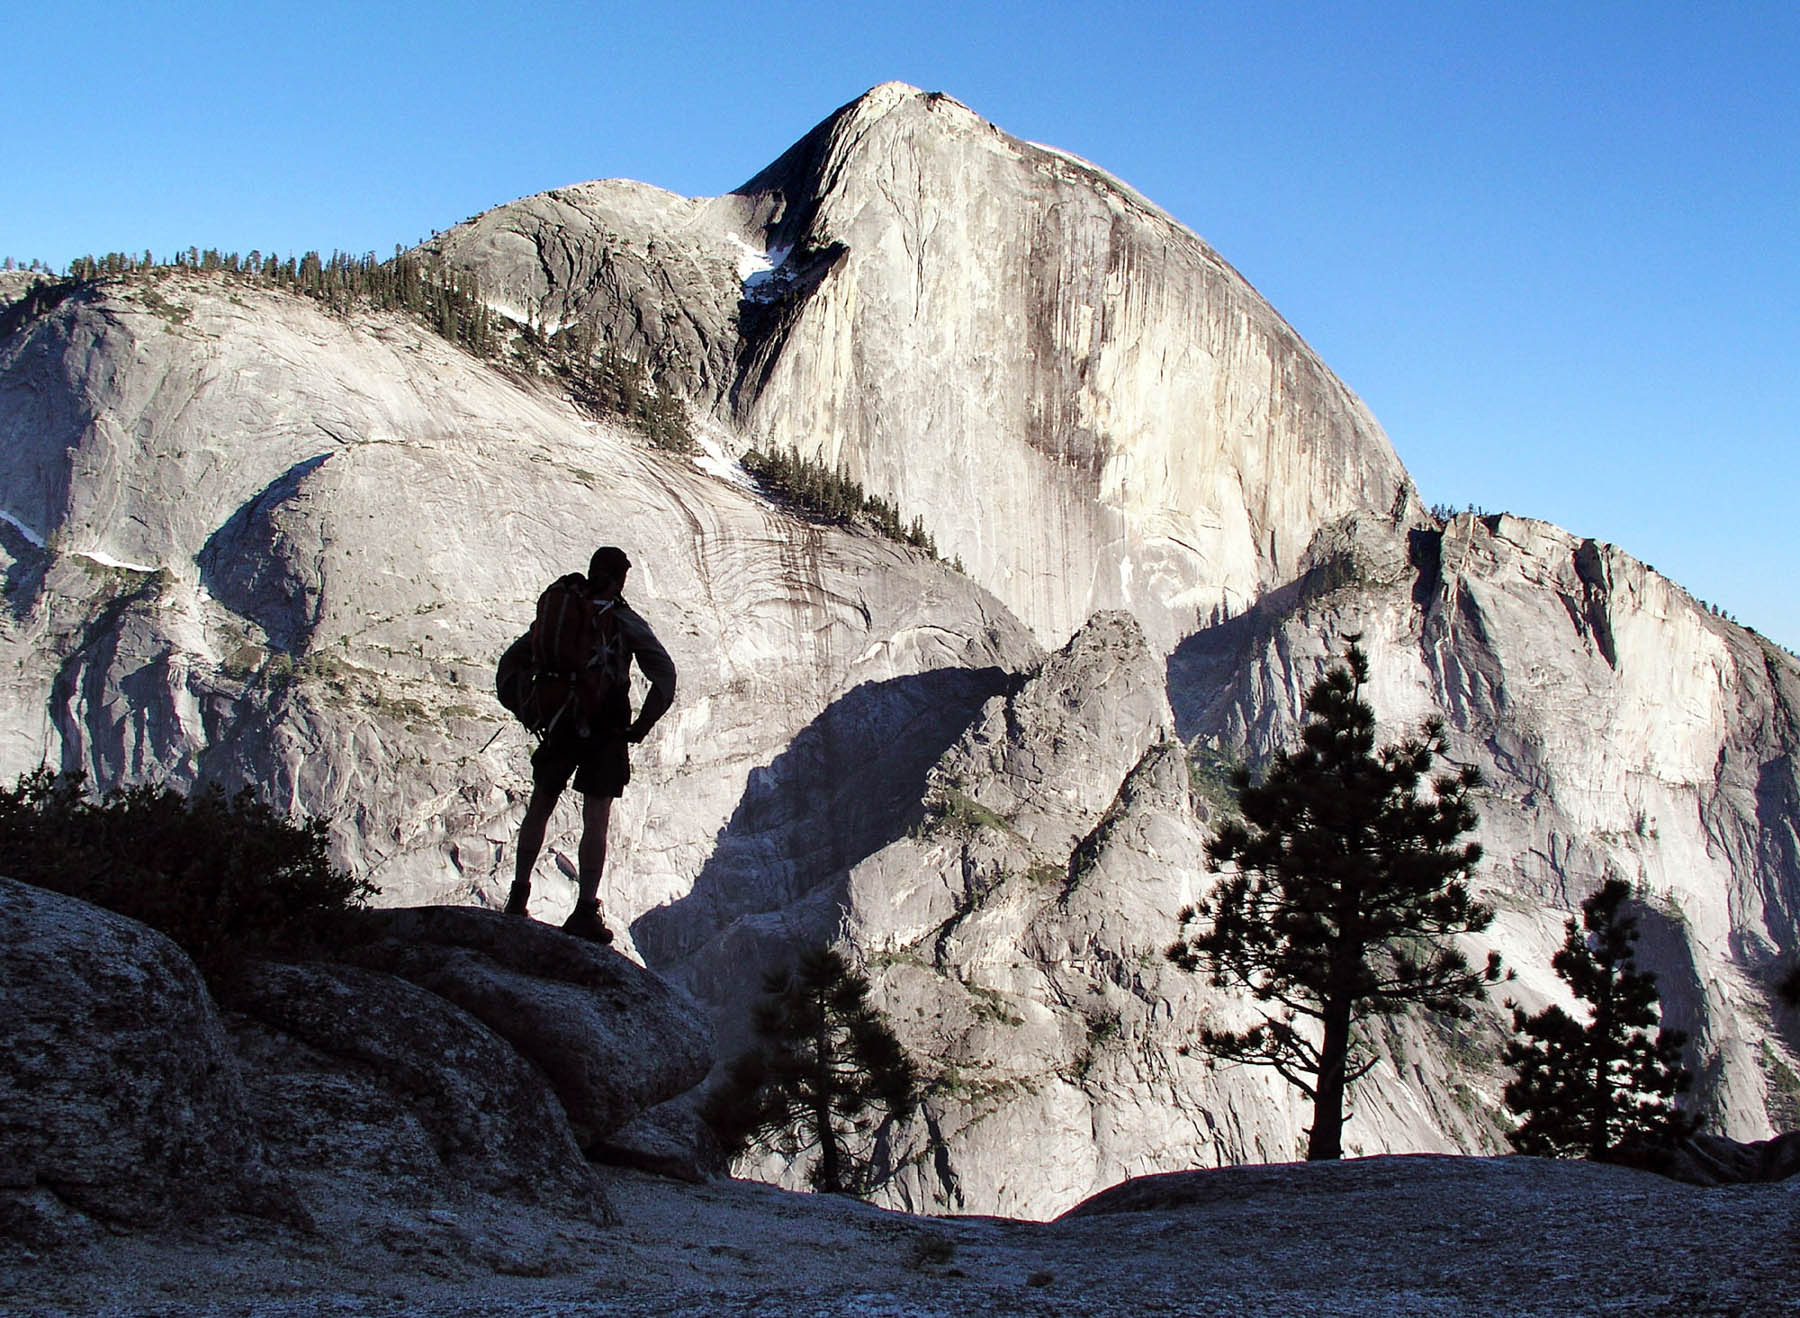 Silueta de un hombre parado sobre unas rocas mirando una pared rocosa (© AP Images)